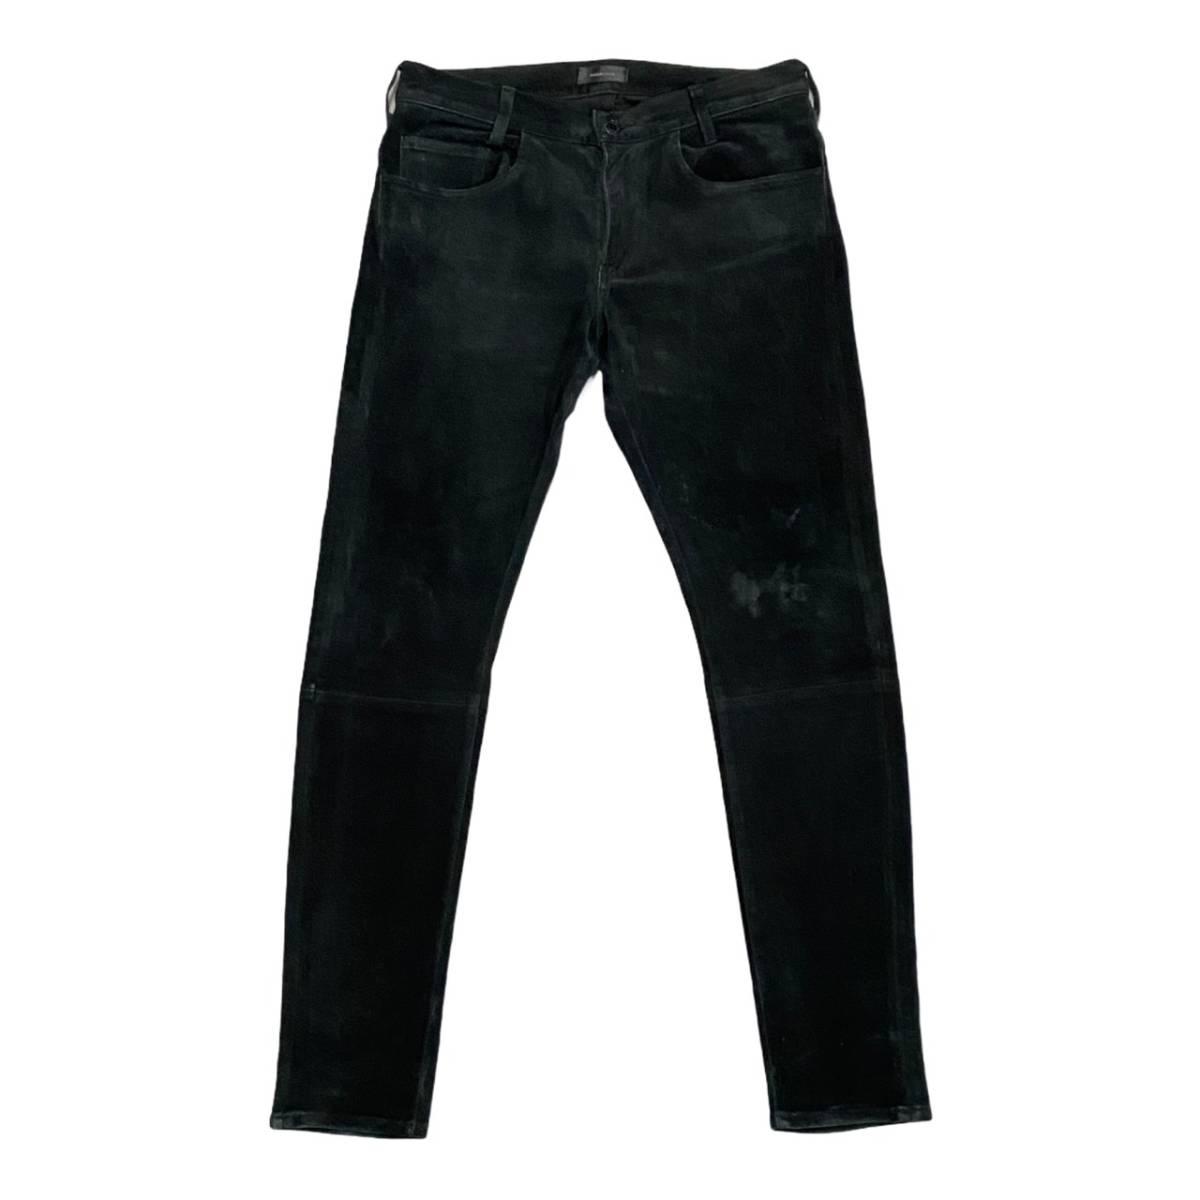 36-45)アンダーカバー 15ss スウェードレザーパンツ ブラック メンズ2 undercover ARTSCABUT 6852 デニム